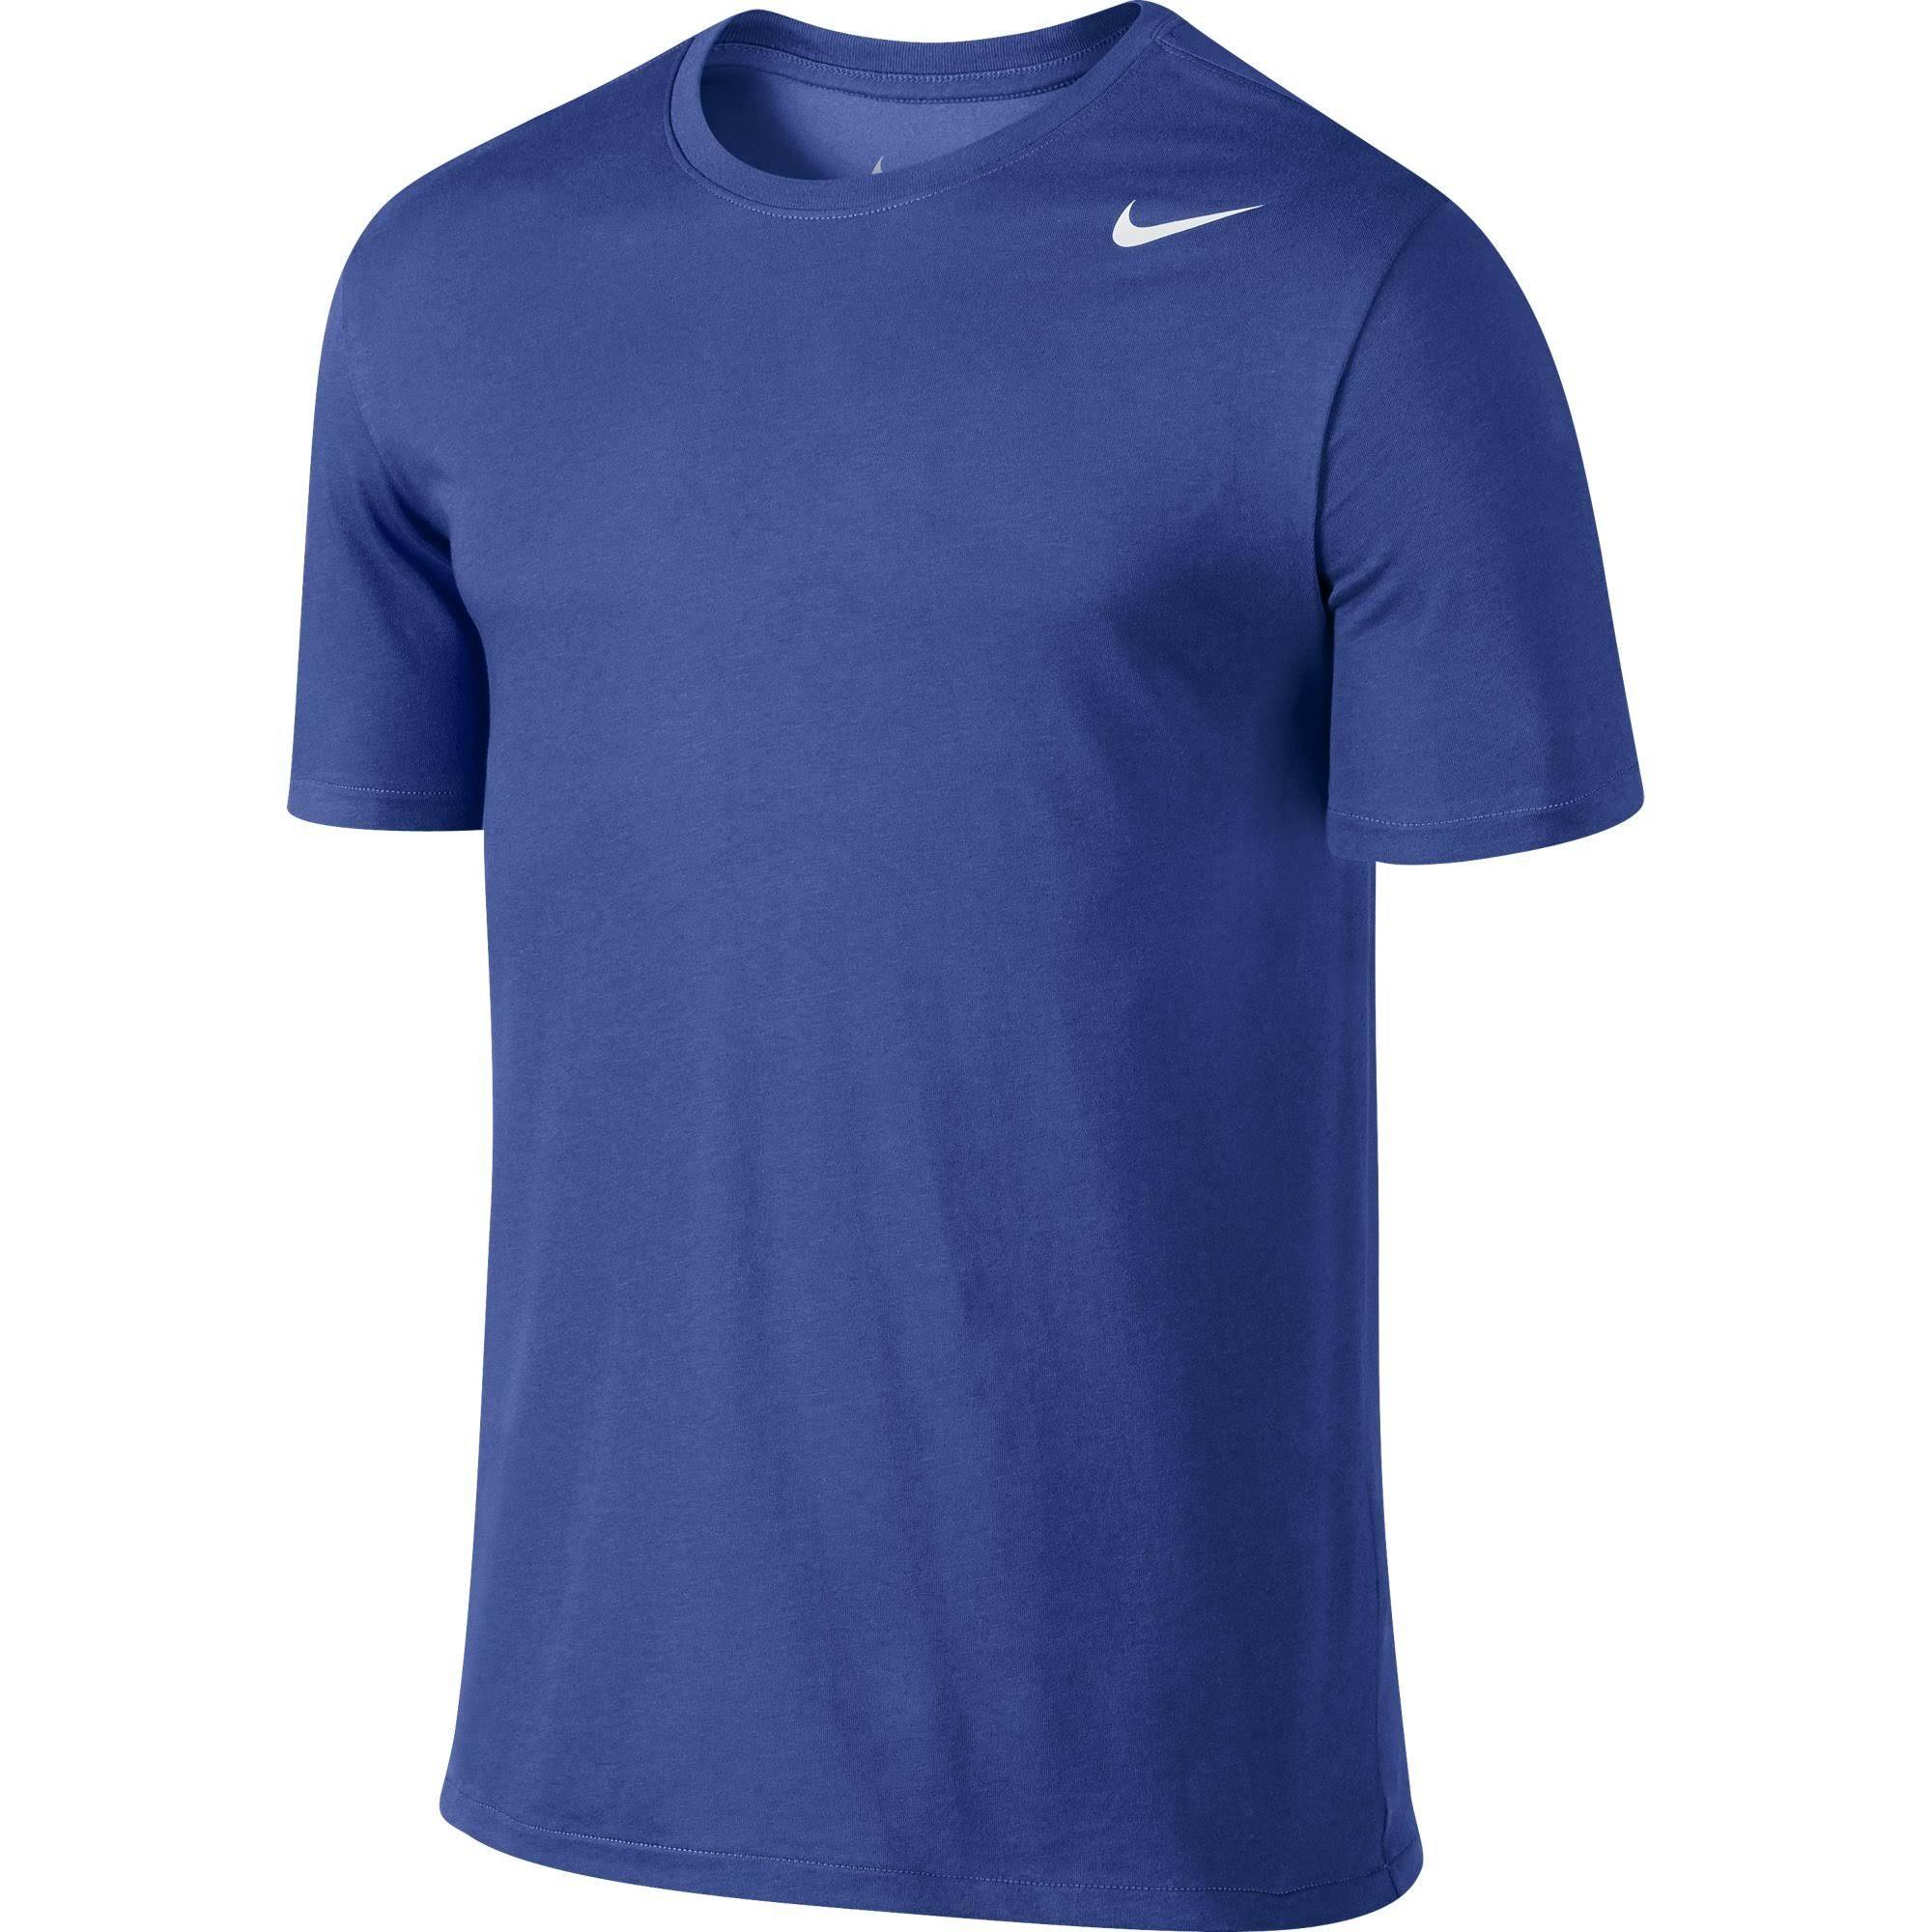 2 Royal 0 l 480 Dri fit t Large 706625 shirt Nike Dfct UHf0WxH5